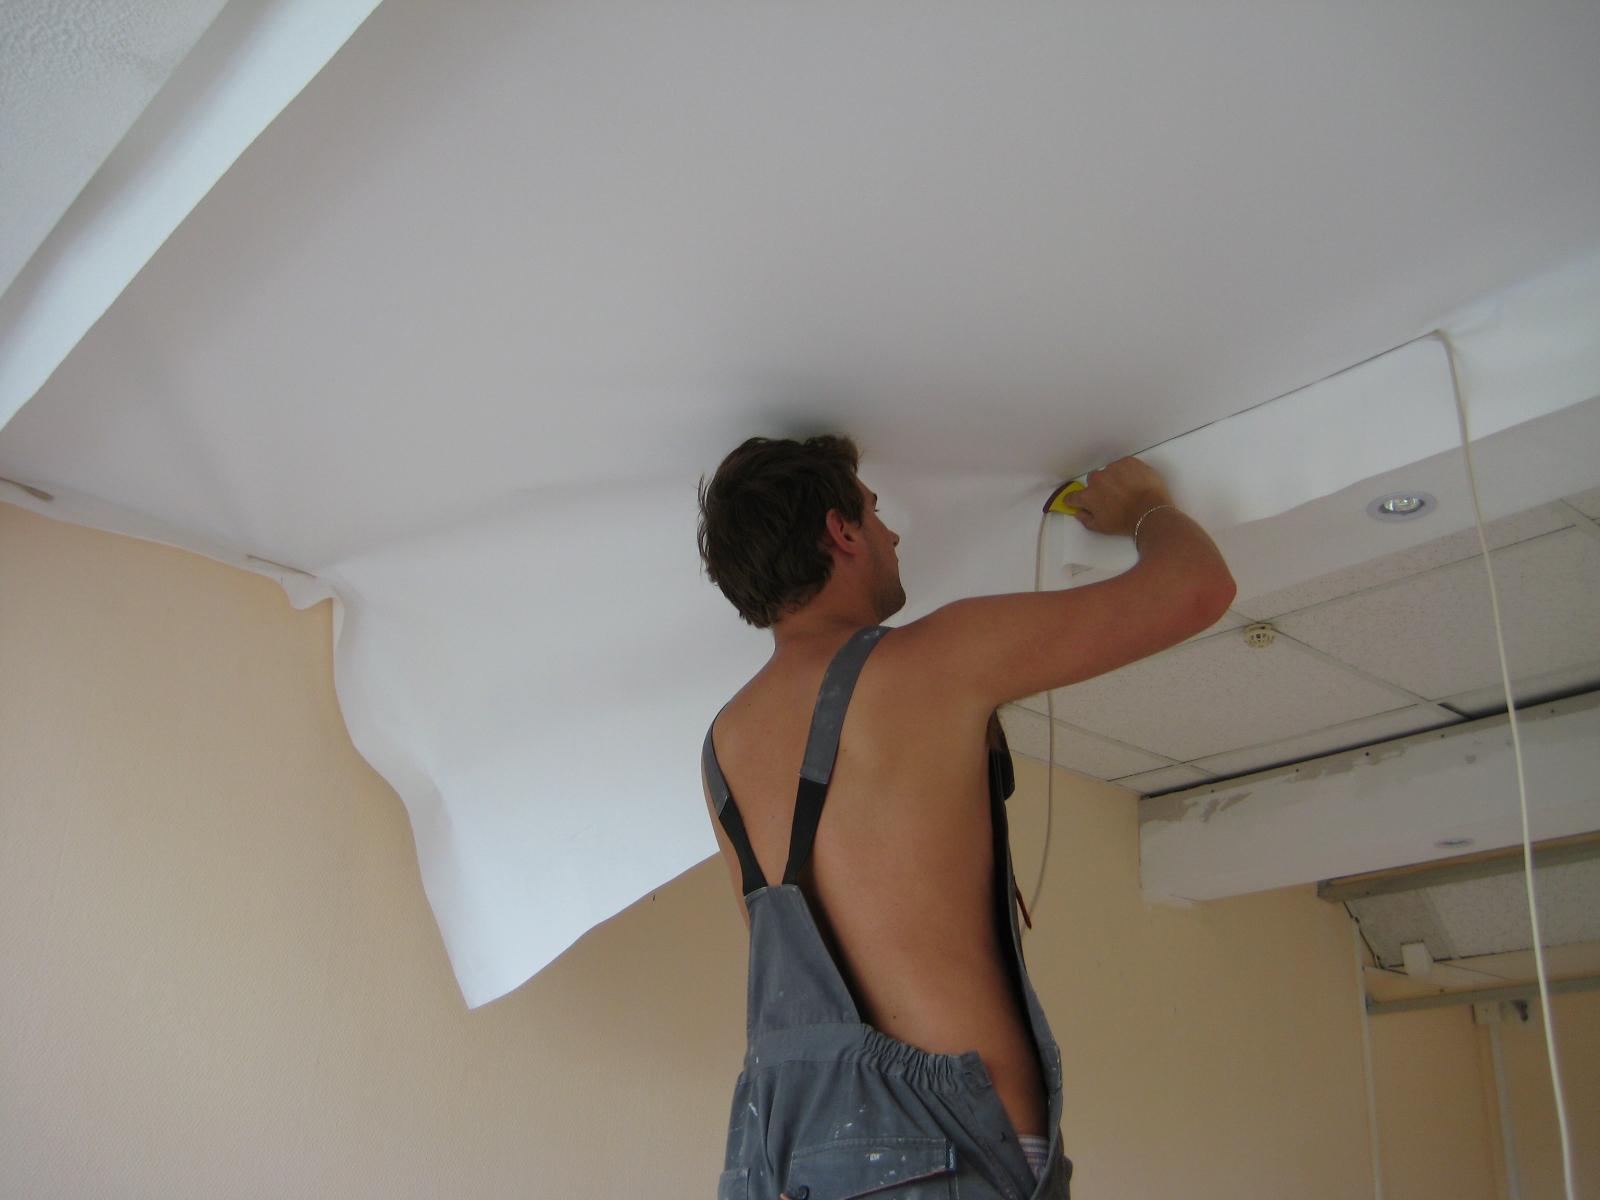 Как отремонтировать потолок в квартире своими руками